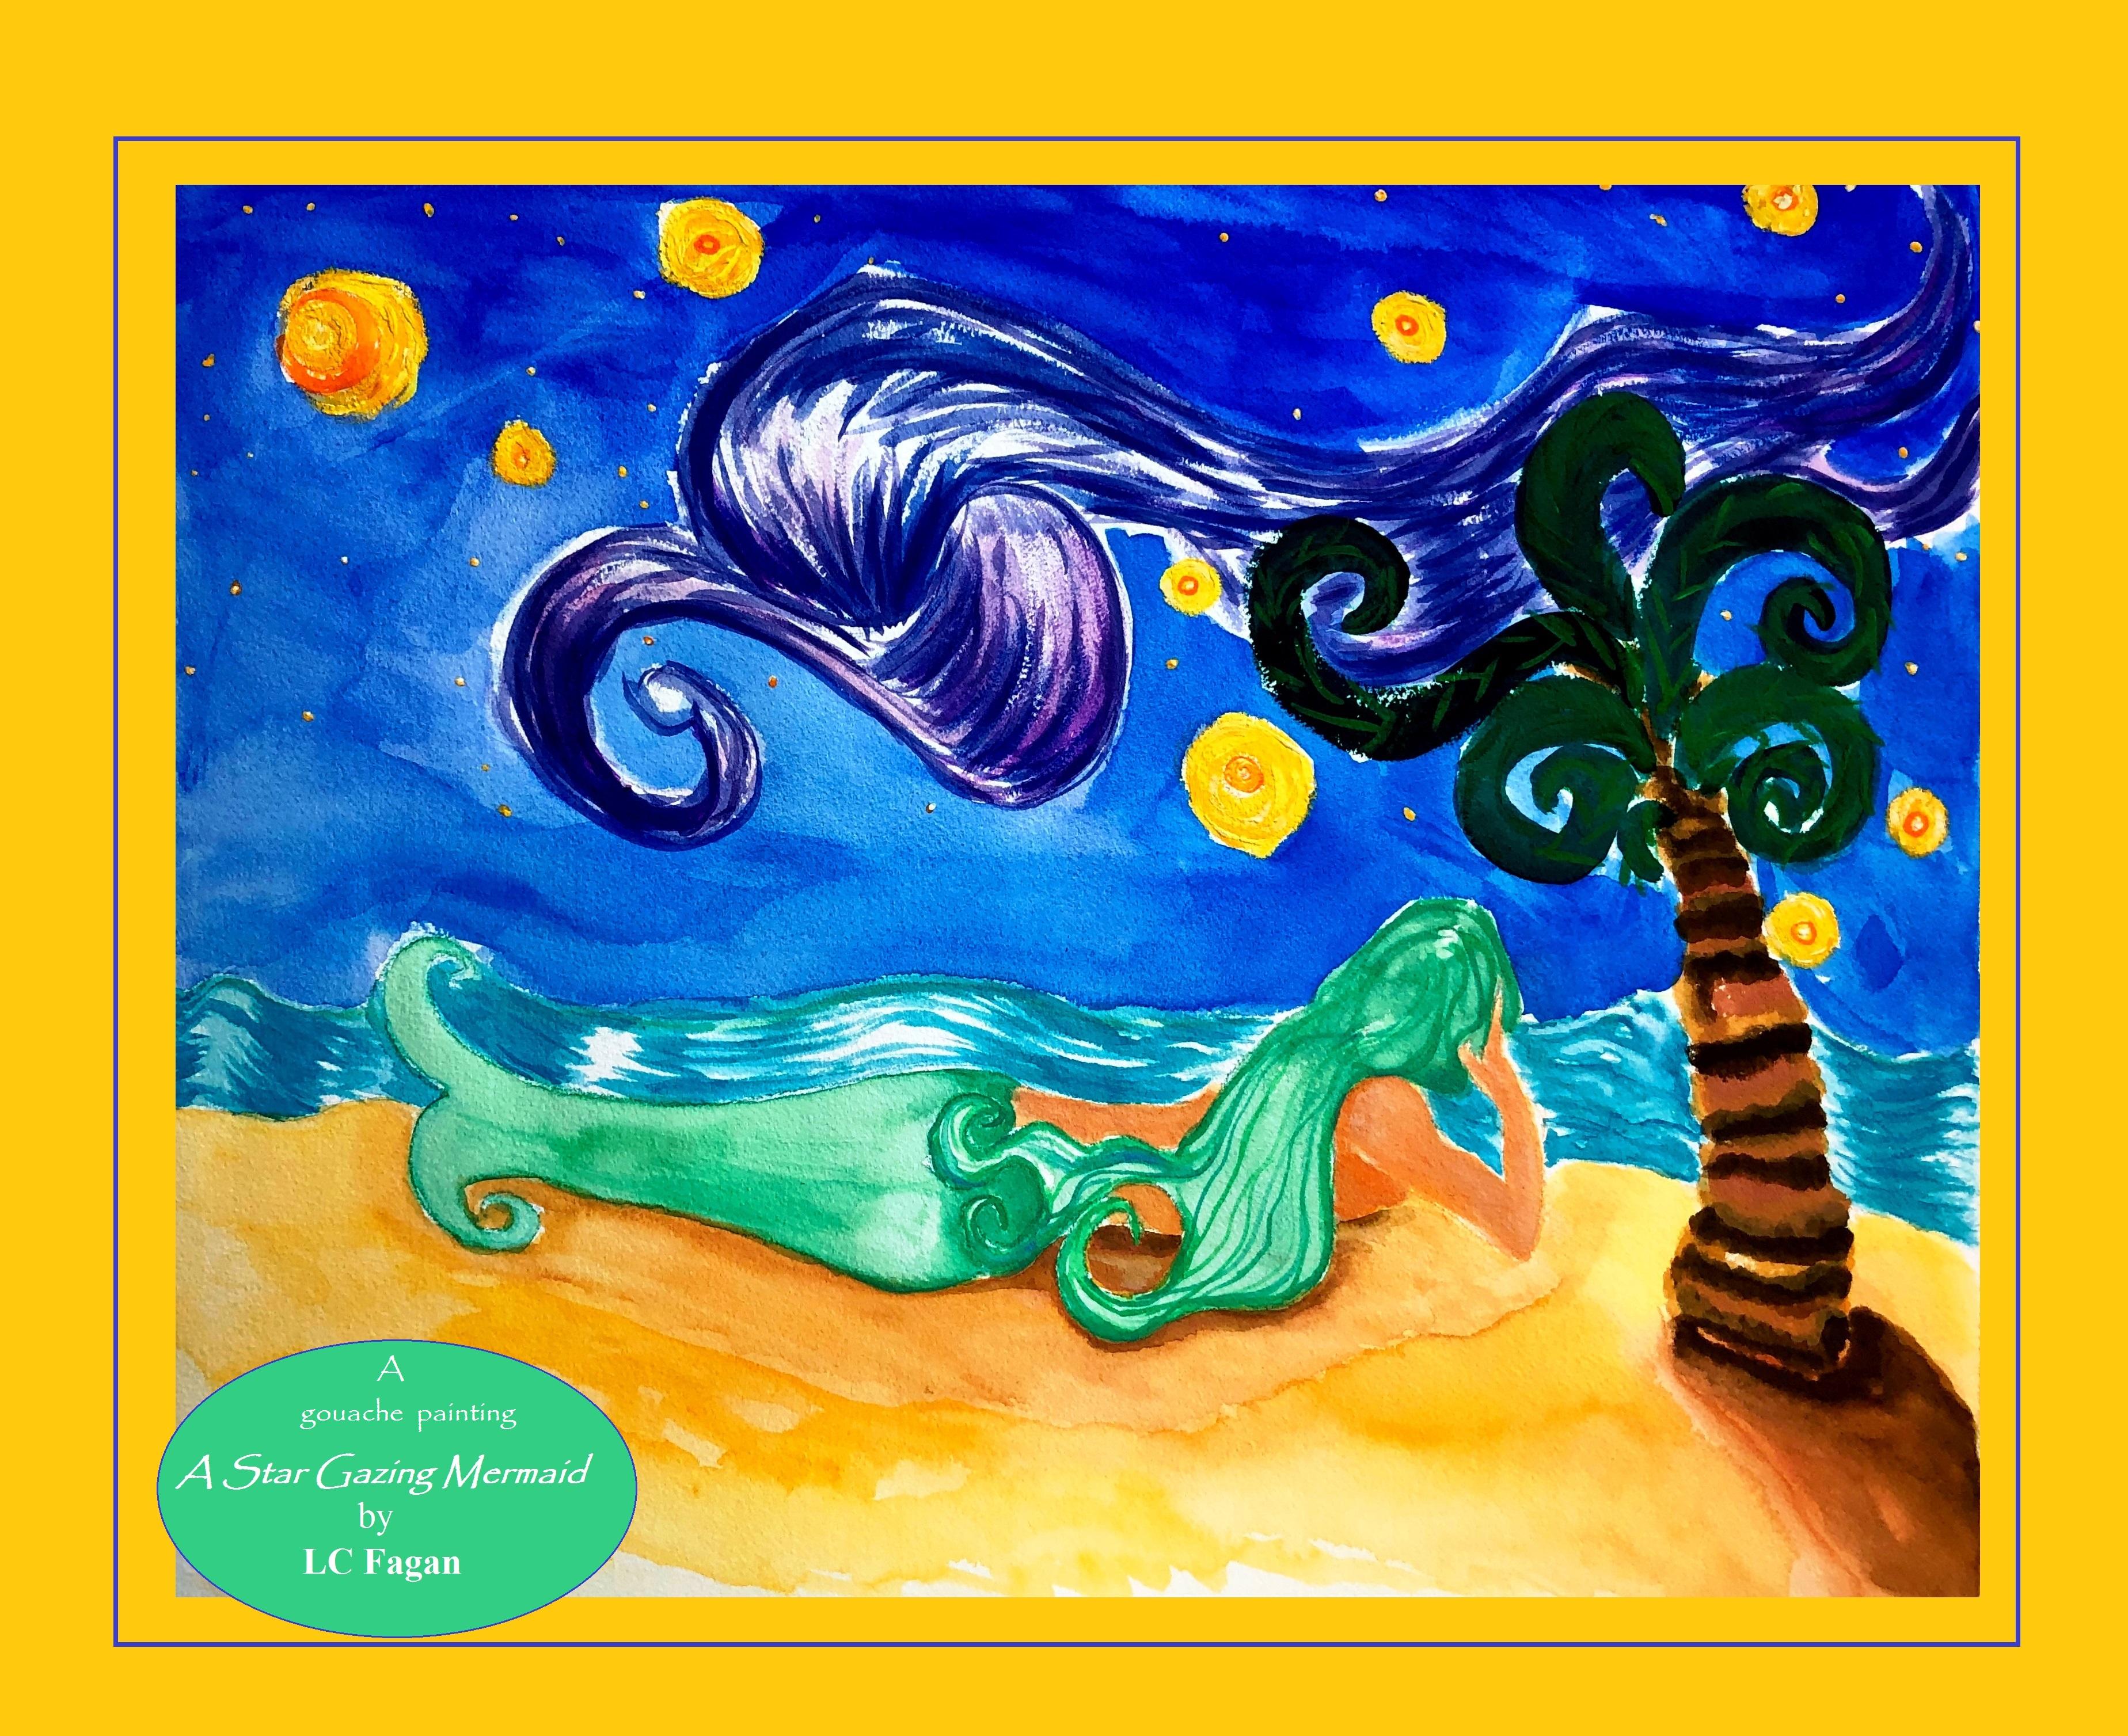 A star gazing mermaid 8.3.20